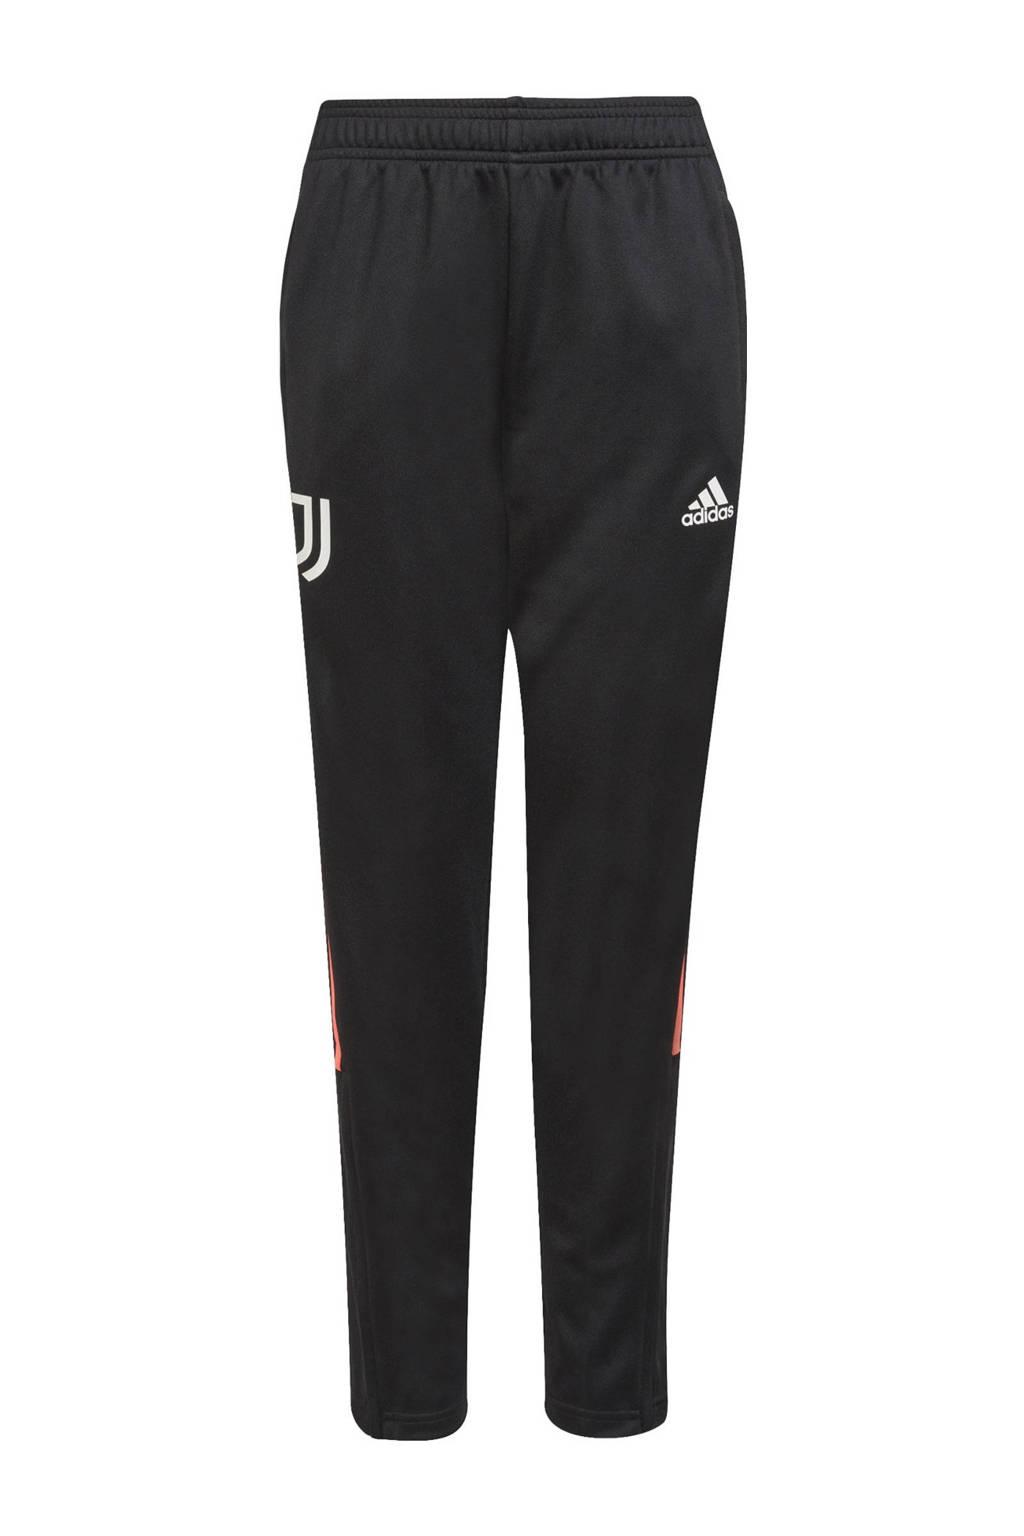 adidas Performance Junior Juventus FC voetbalbroek training, Zwart